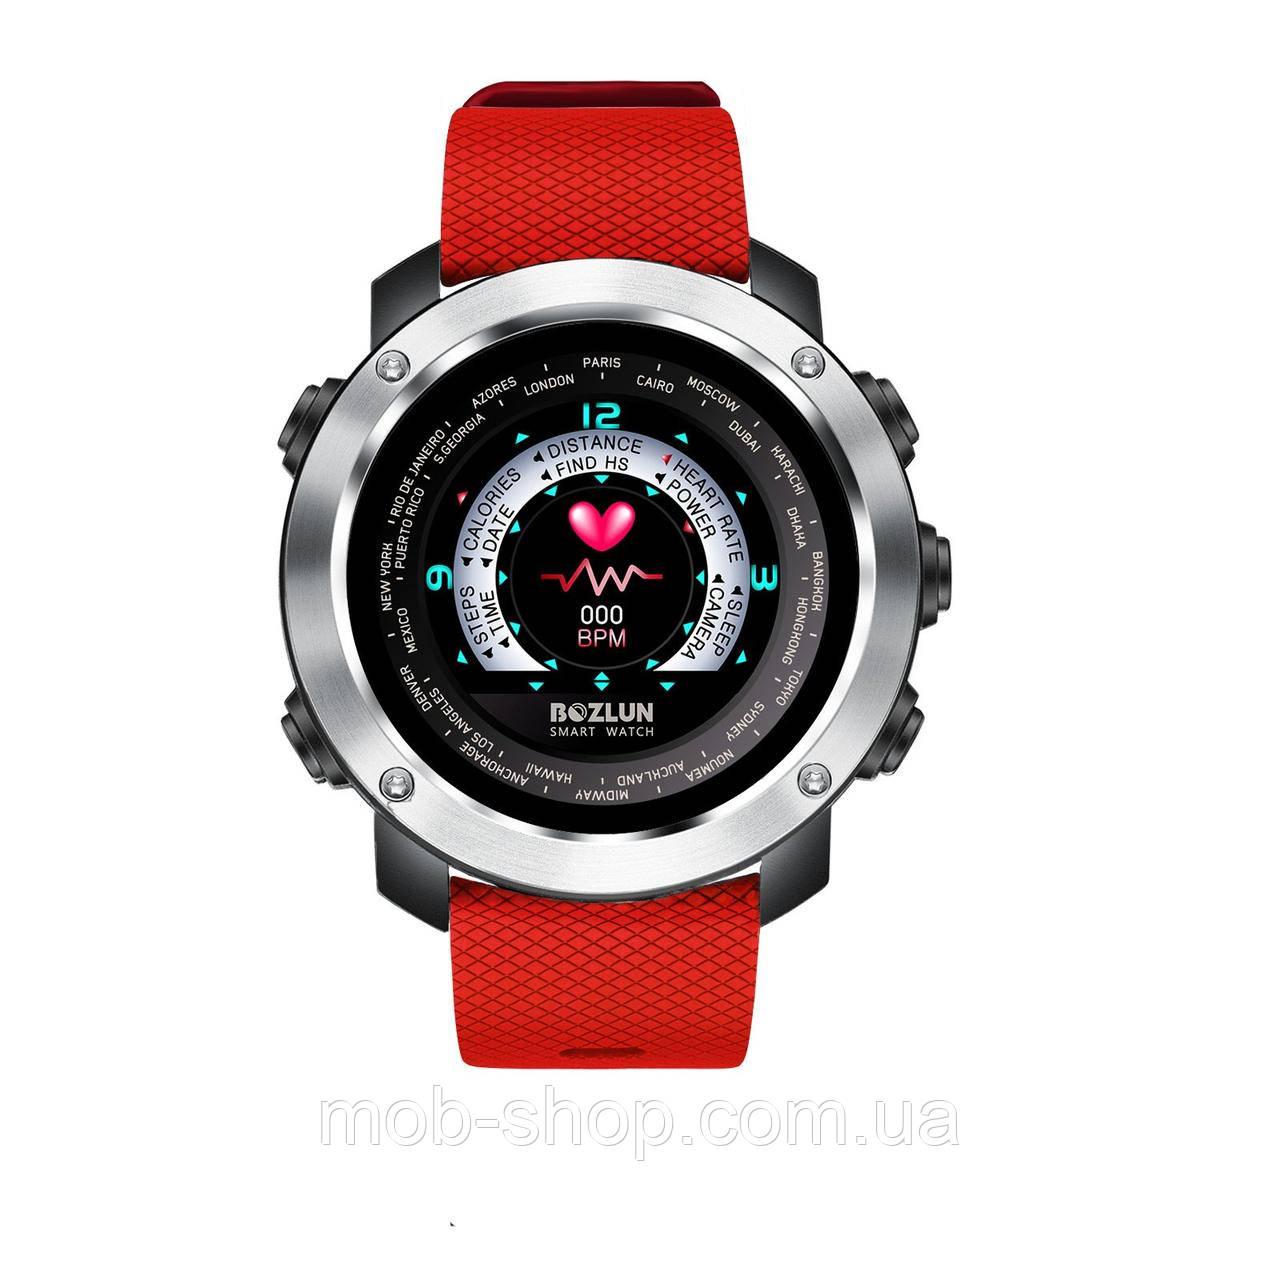 Наручные часы Smart watch